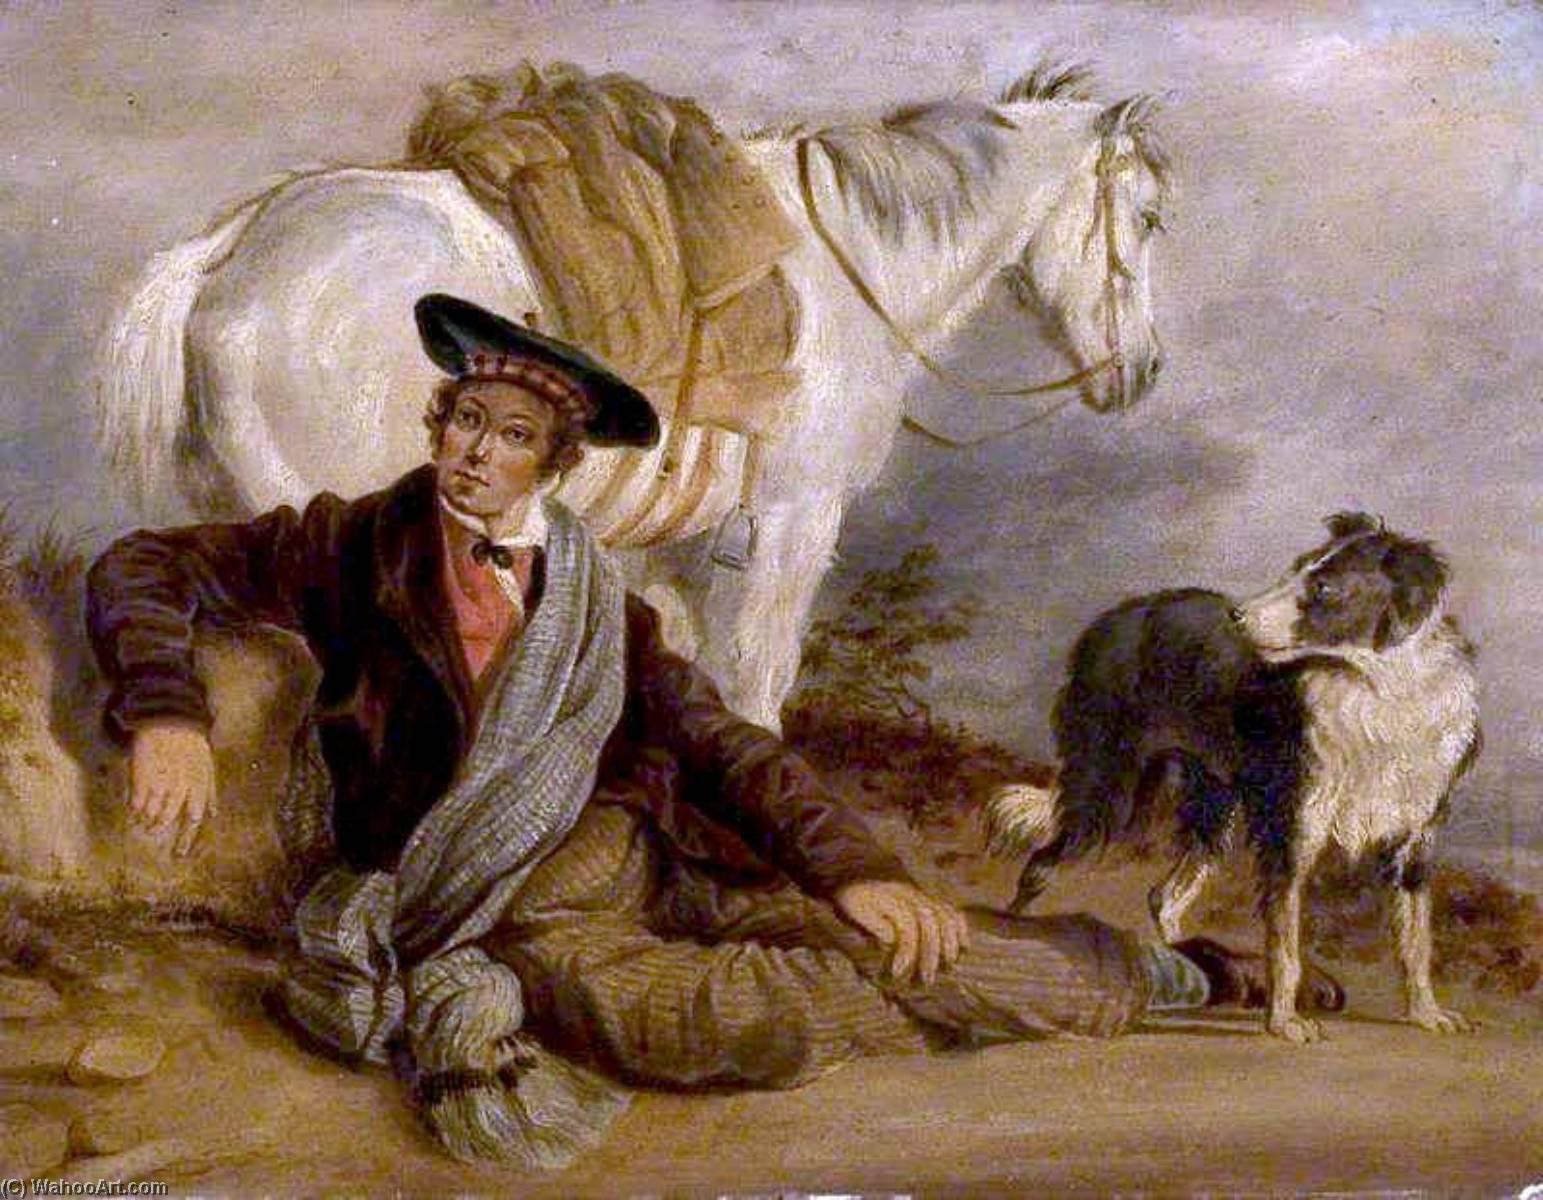 L uomo reclinabile accompagnato di un Cavallo e un Cane di Richard Ansdell  (1815-1885, United